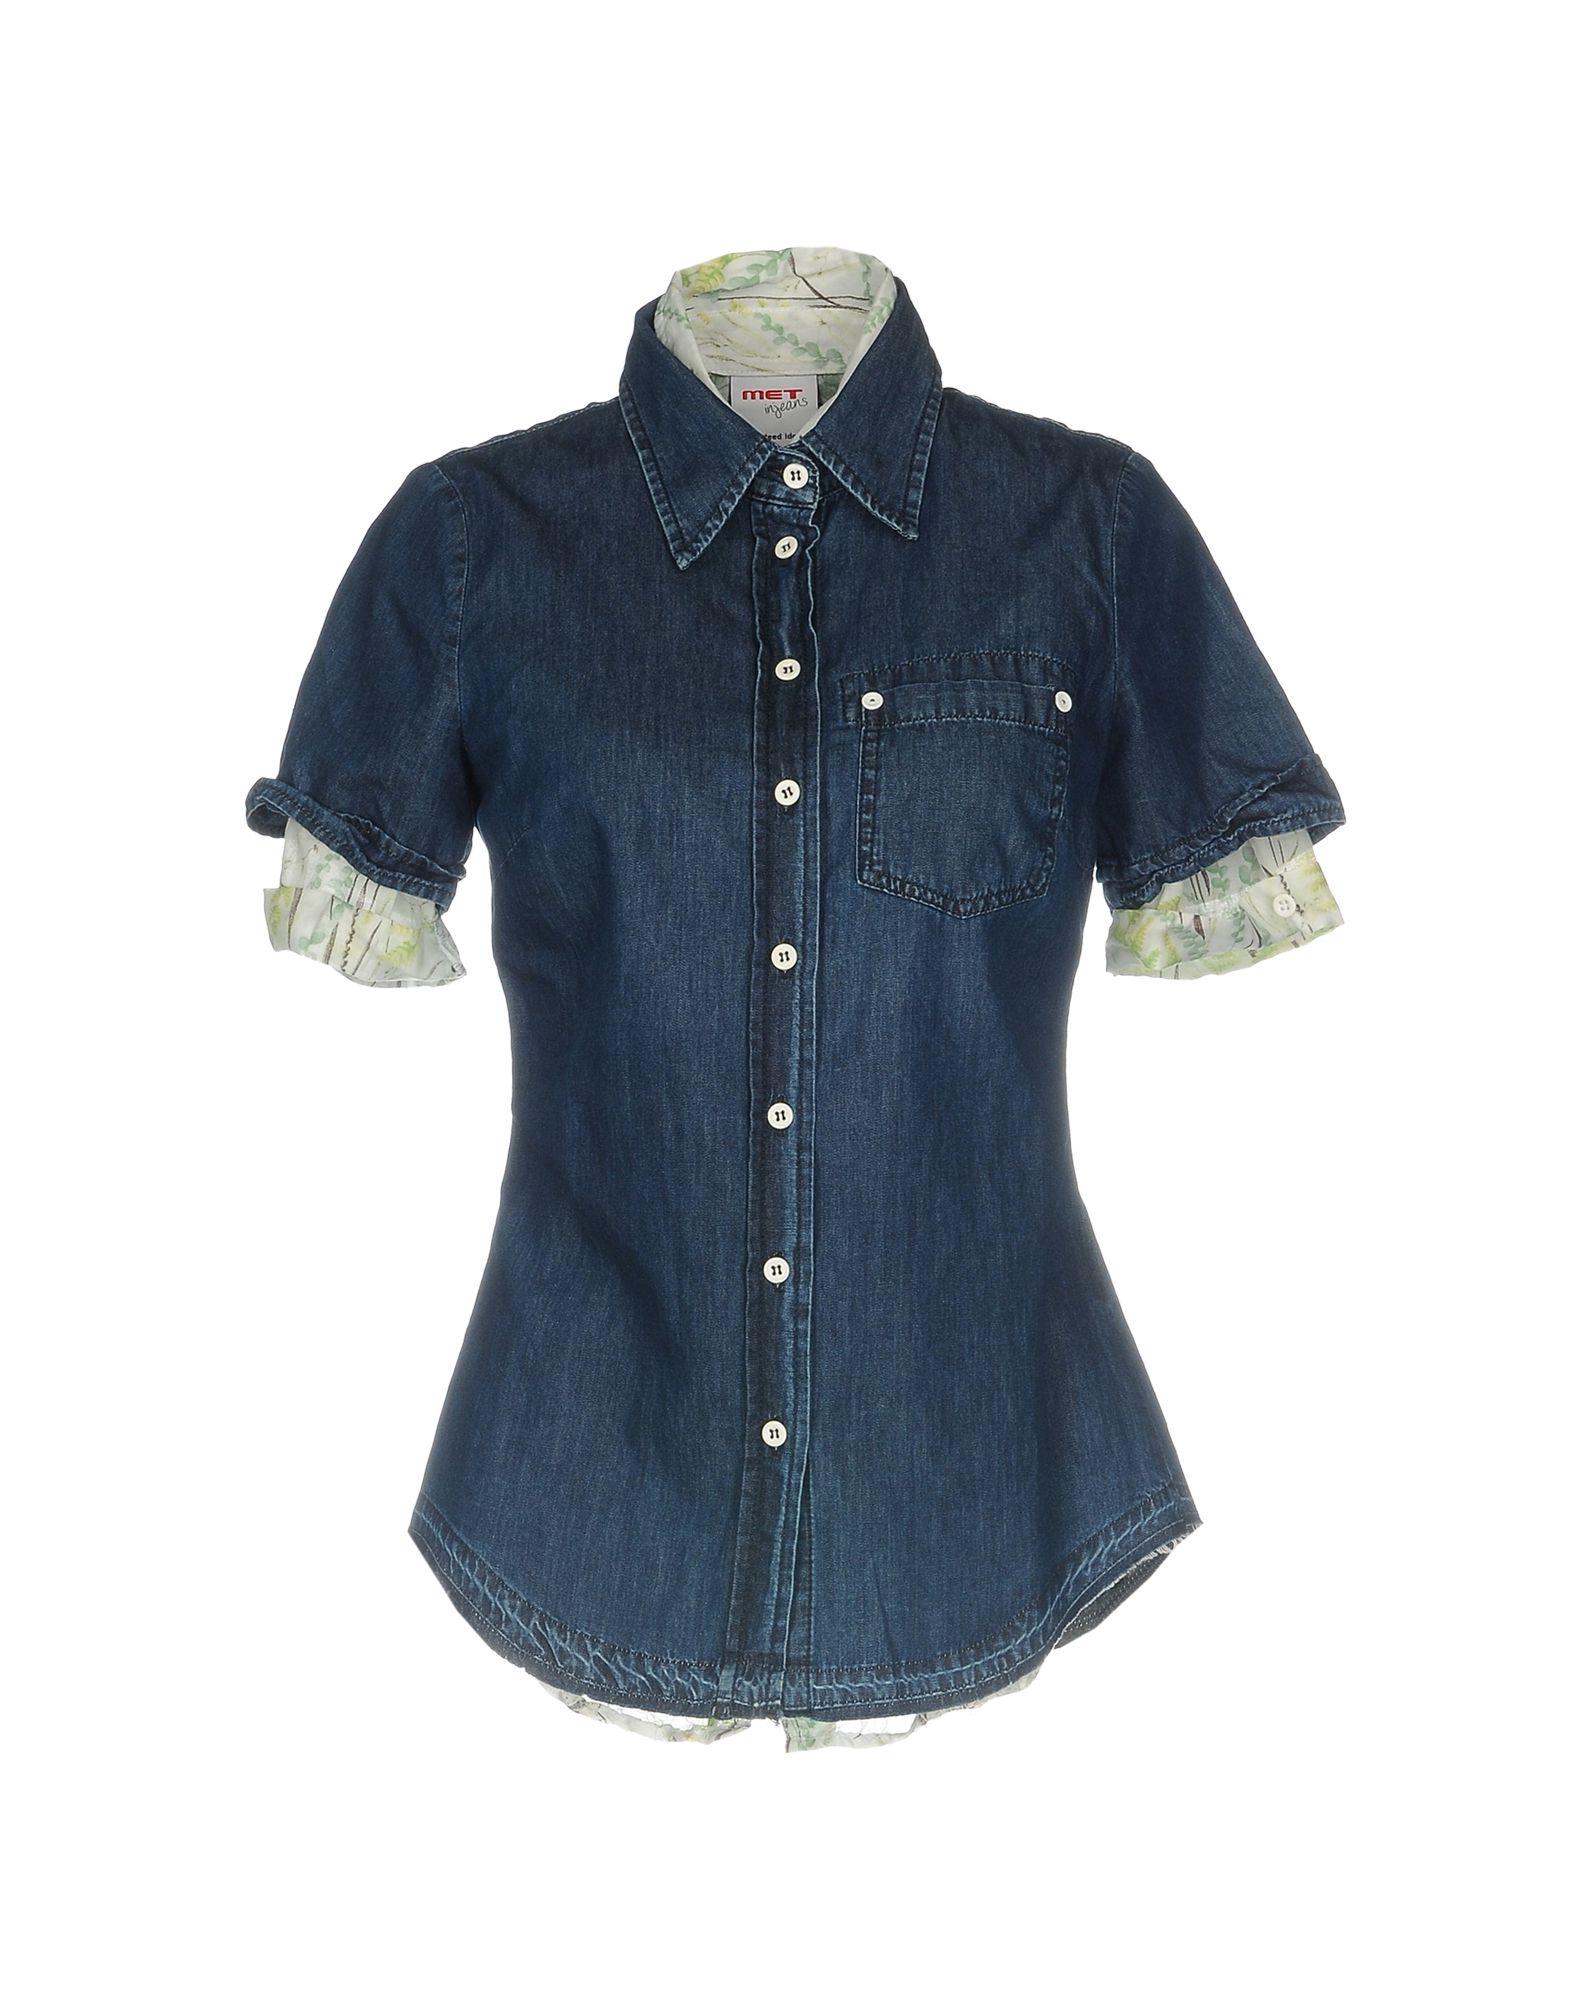 рубашки met рубашка MET in JEANS Джинсовая рубашка